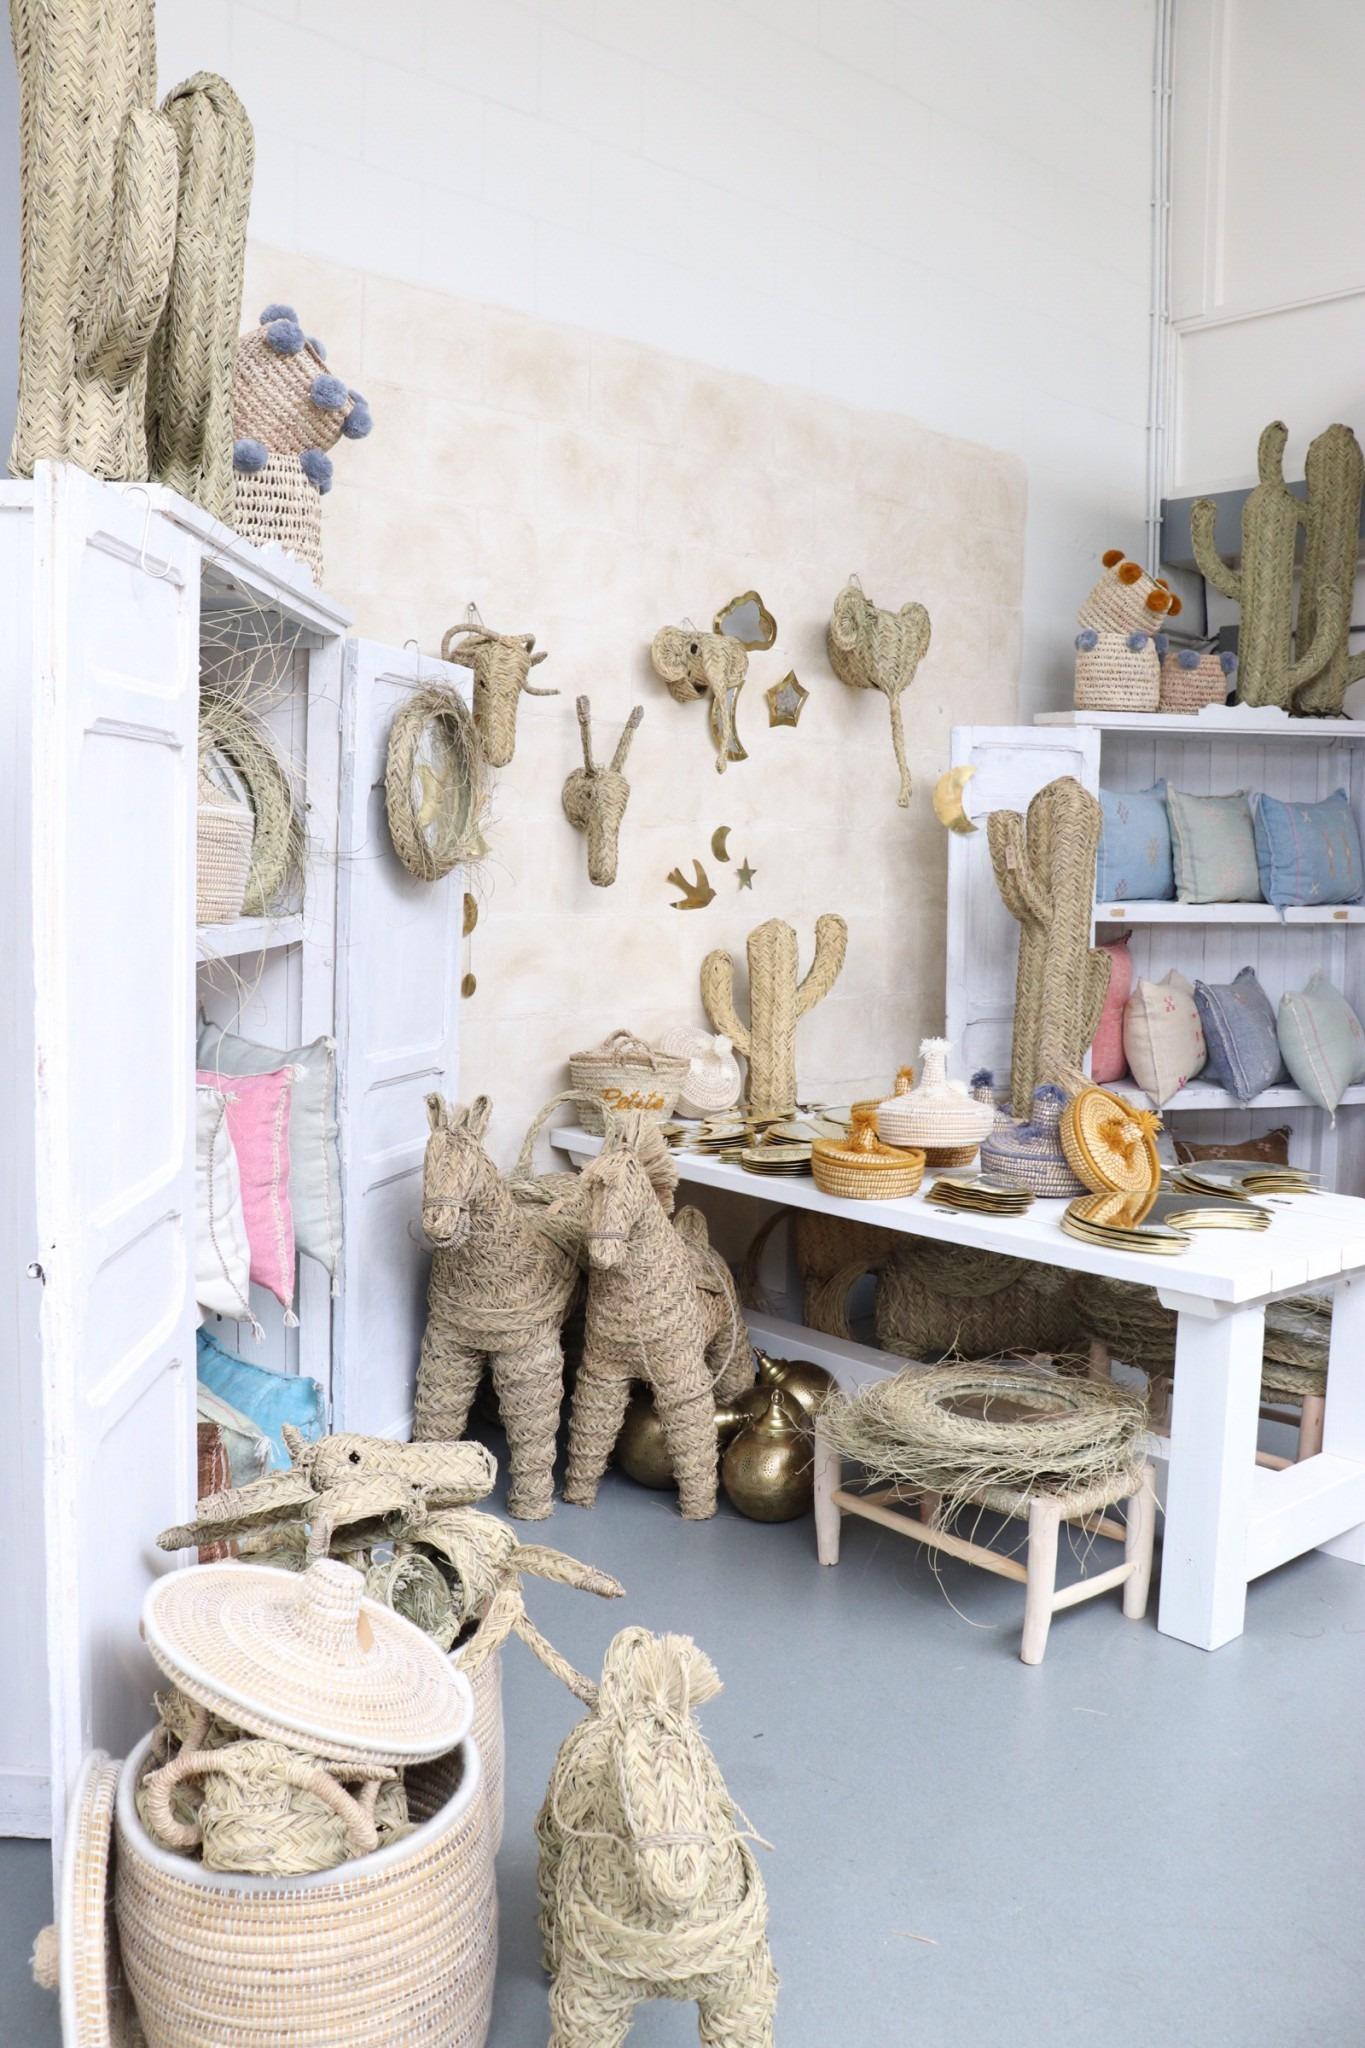 Mooie zeegras producten in Barendrecht